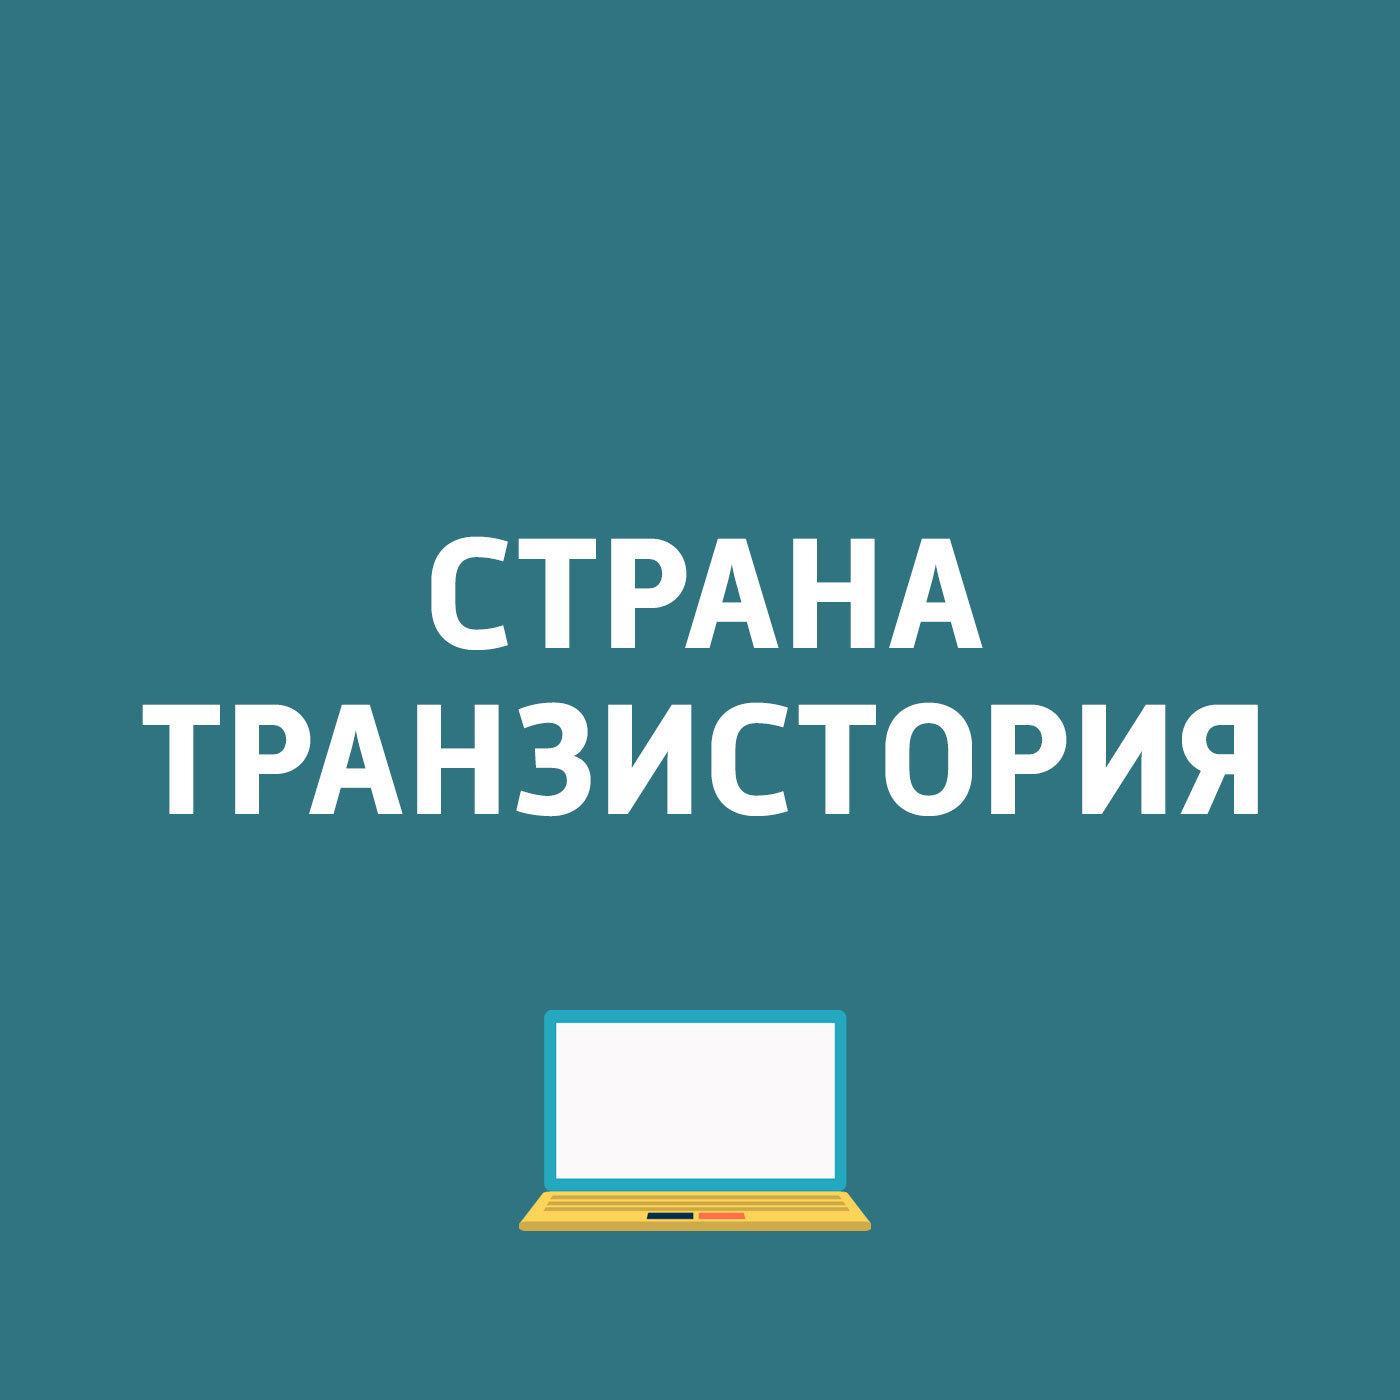 Картаев Павел Сони начала принимать предварительные заказы на проектор Xperia Touch; Telegram-бот для записи к врачу